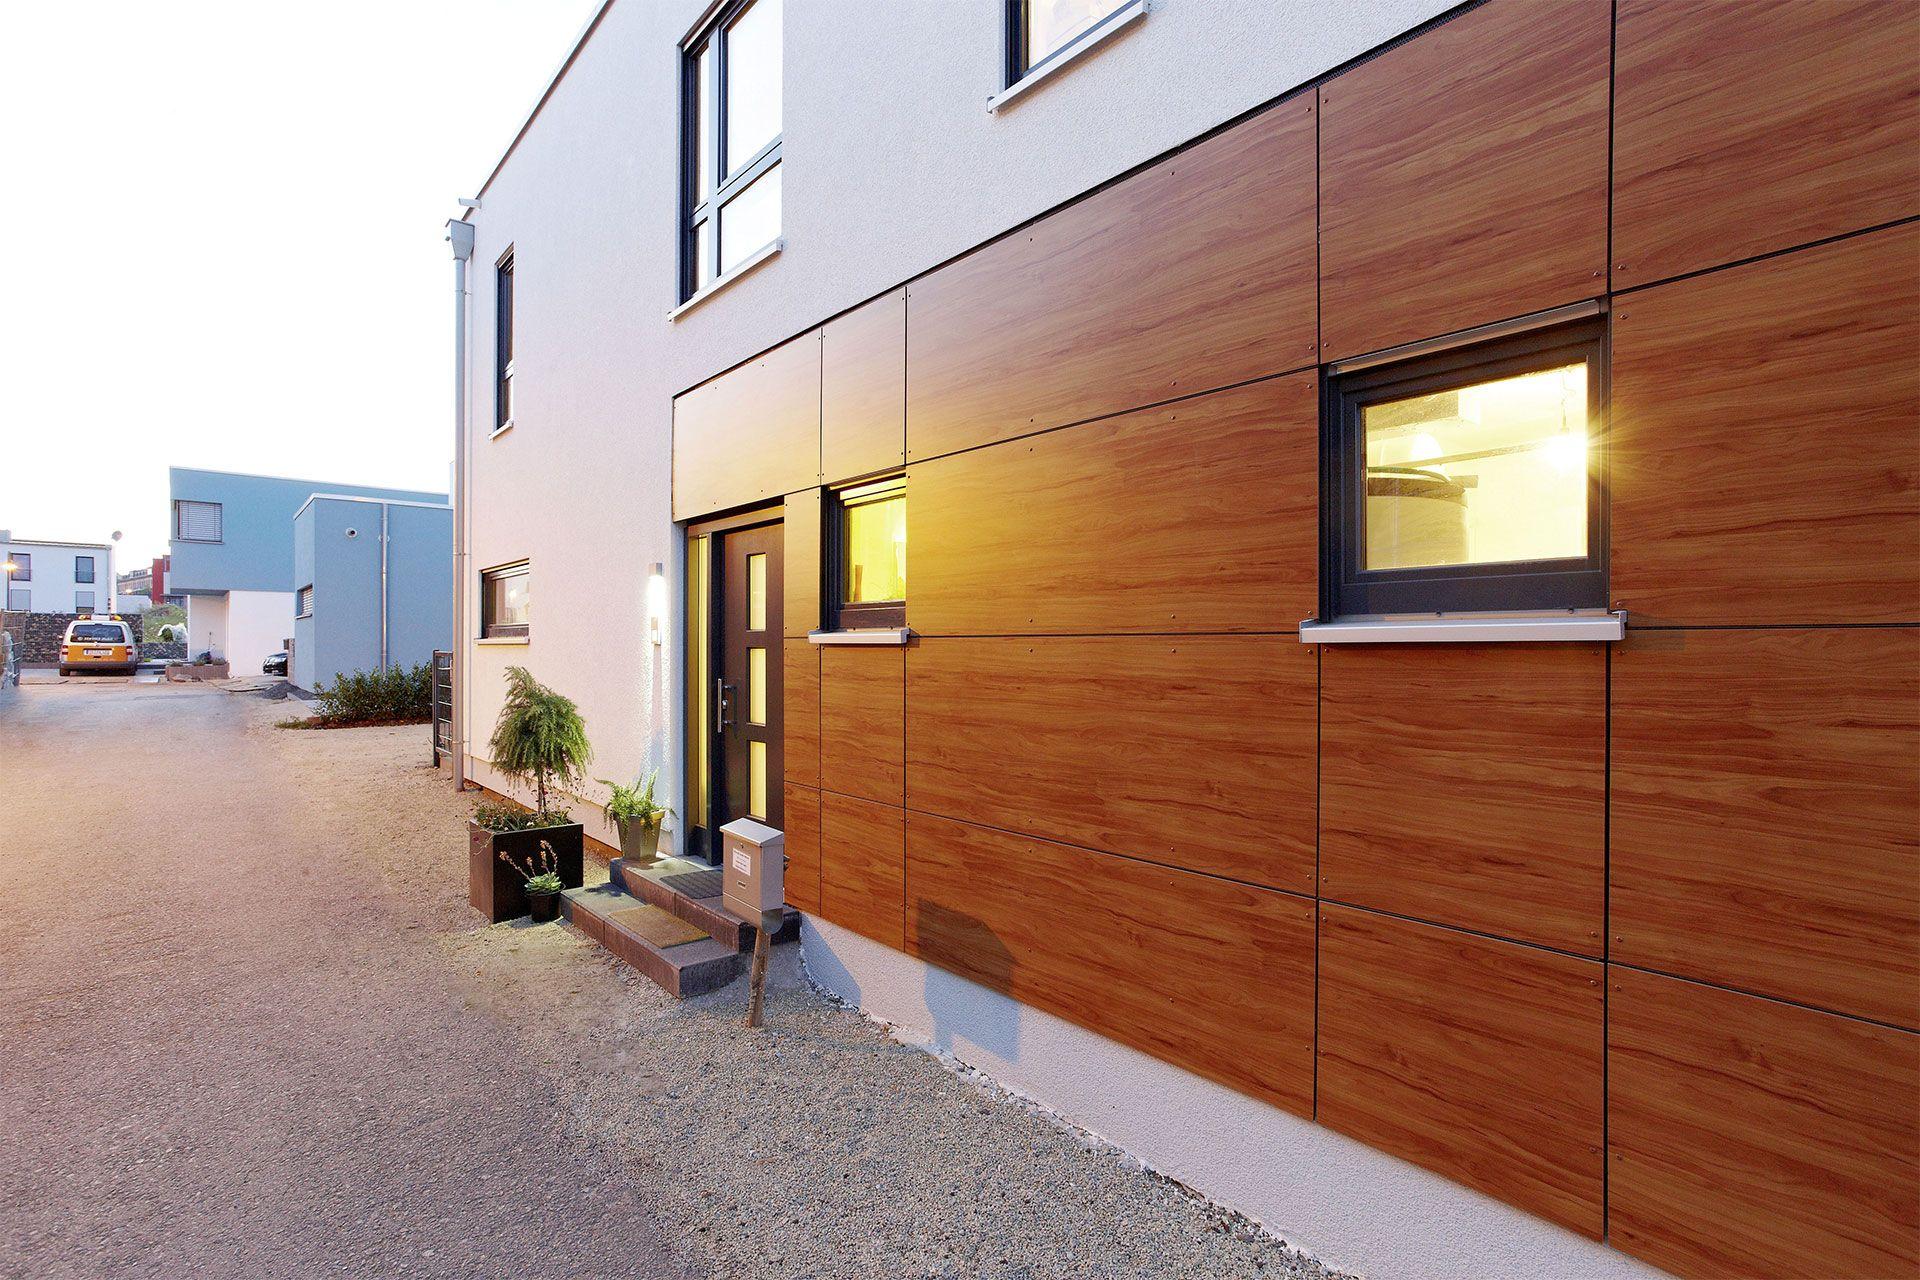 Anspruchsvoll Eingangsüberdachung L Form Ideen Von Bildergebnis Für Fassade Hpl Befestigung